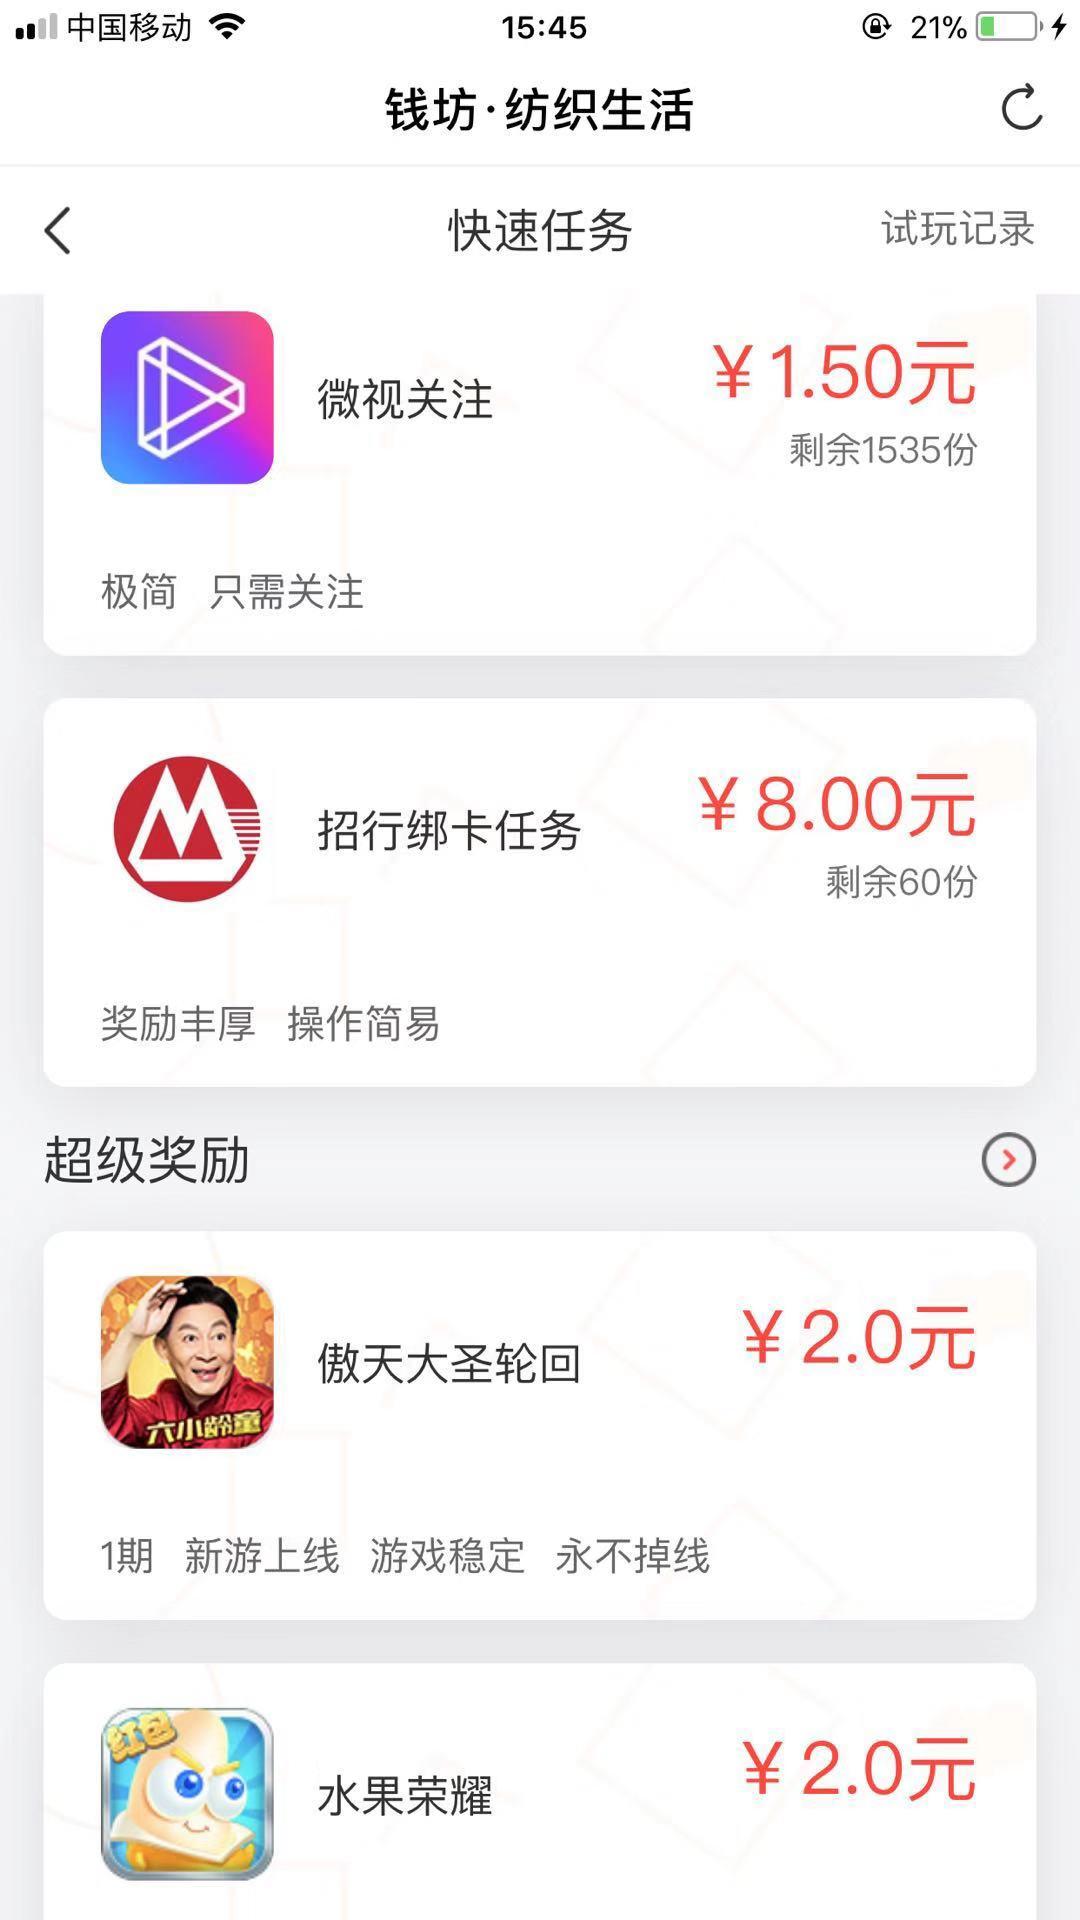 钱坊iOS